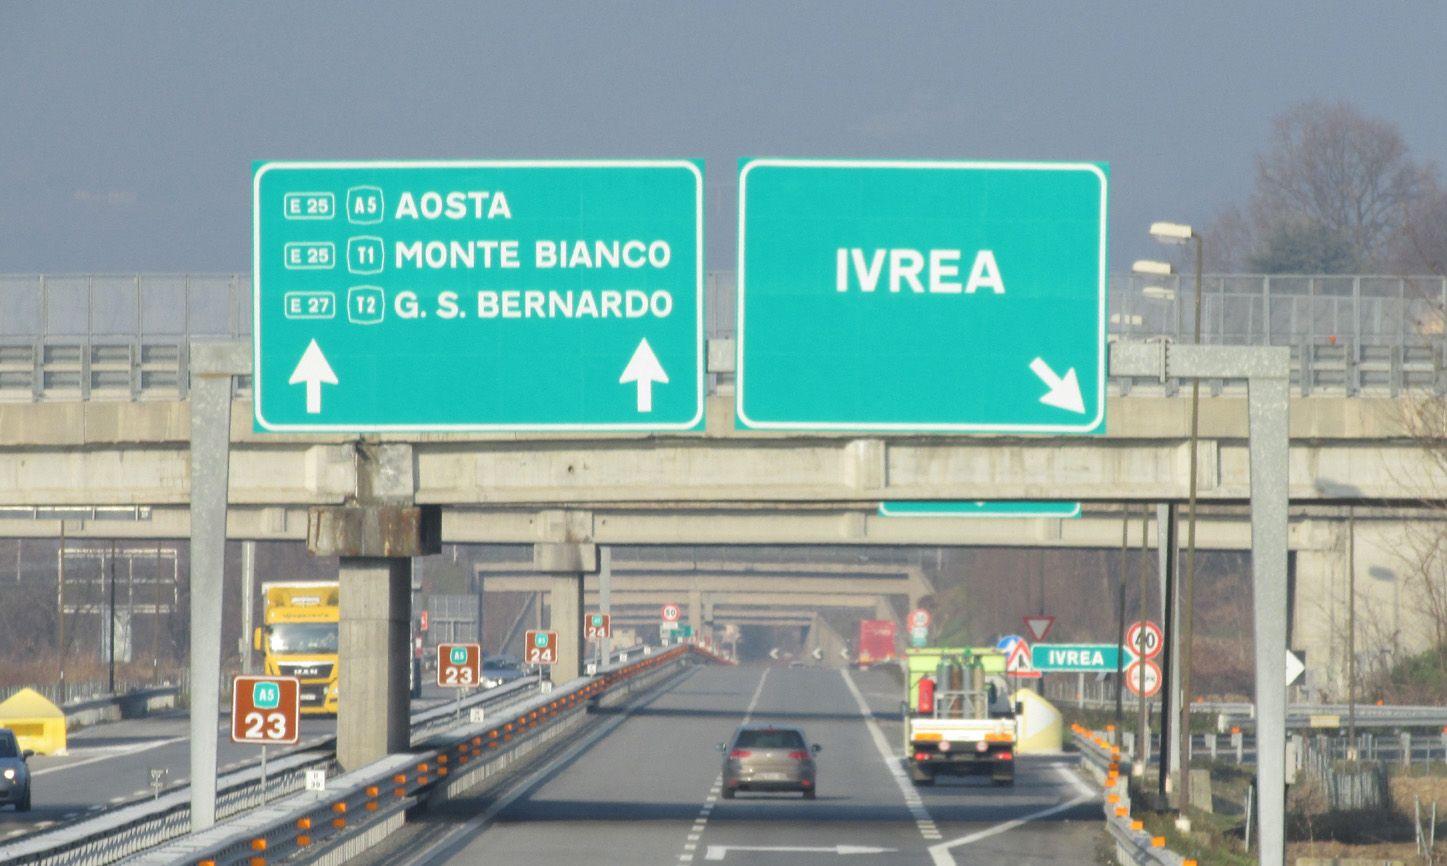 IVREA - Autostrada gratis in Canavese: parte la raccolta firme per togliere caselli e pedaggio